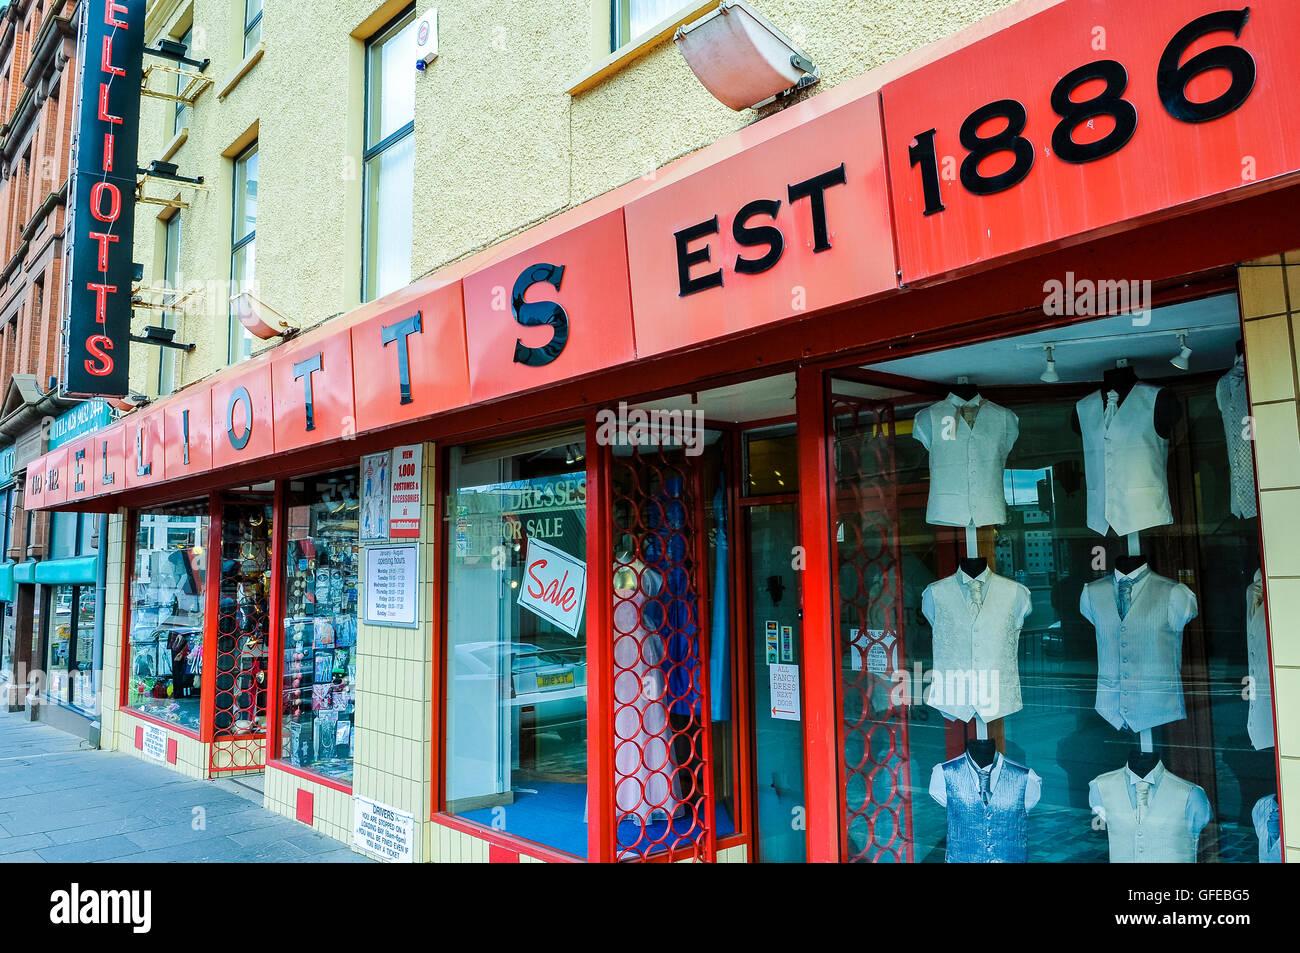 Elliotts fancy dress hire shop, Belfast Stock Photo